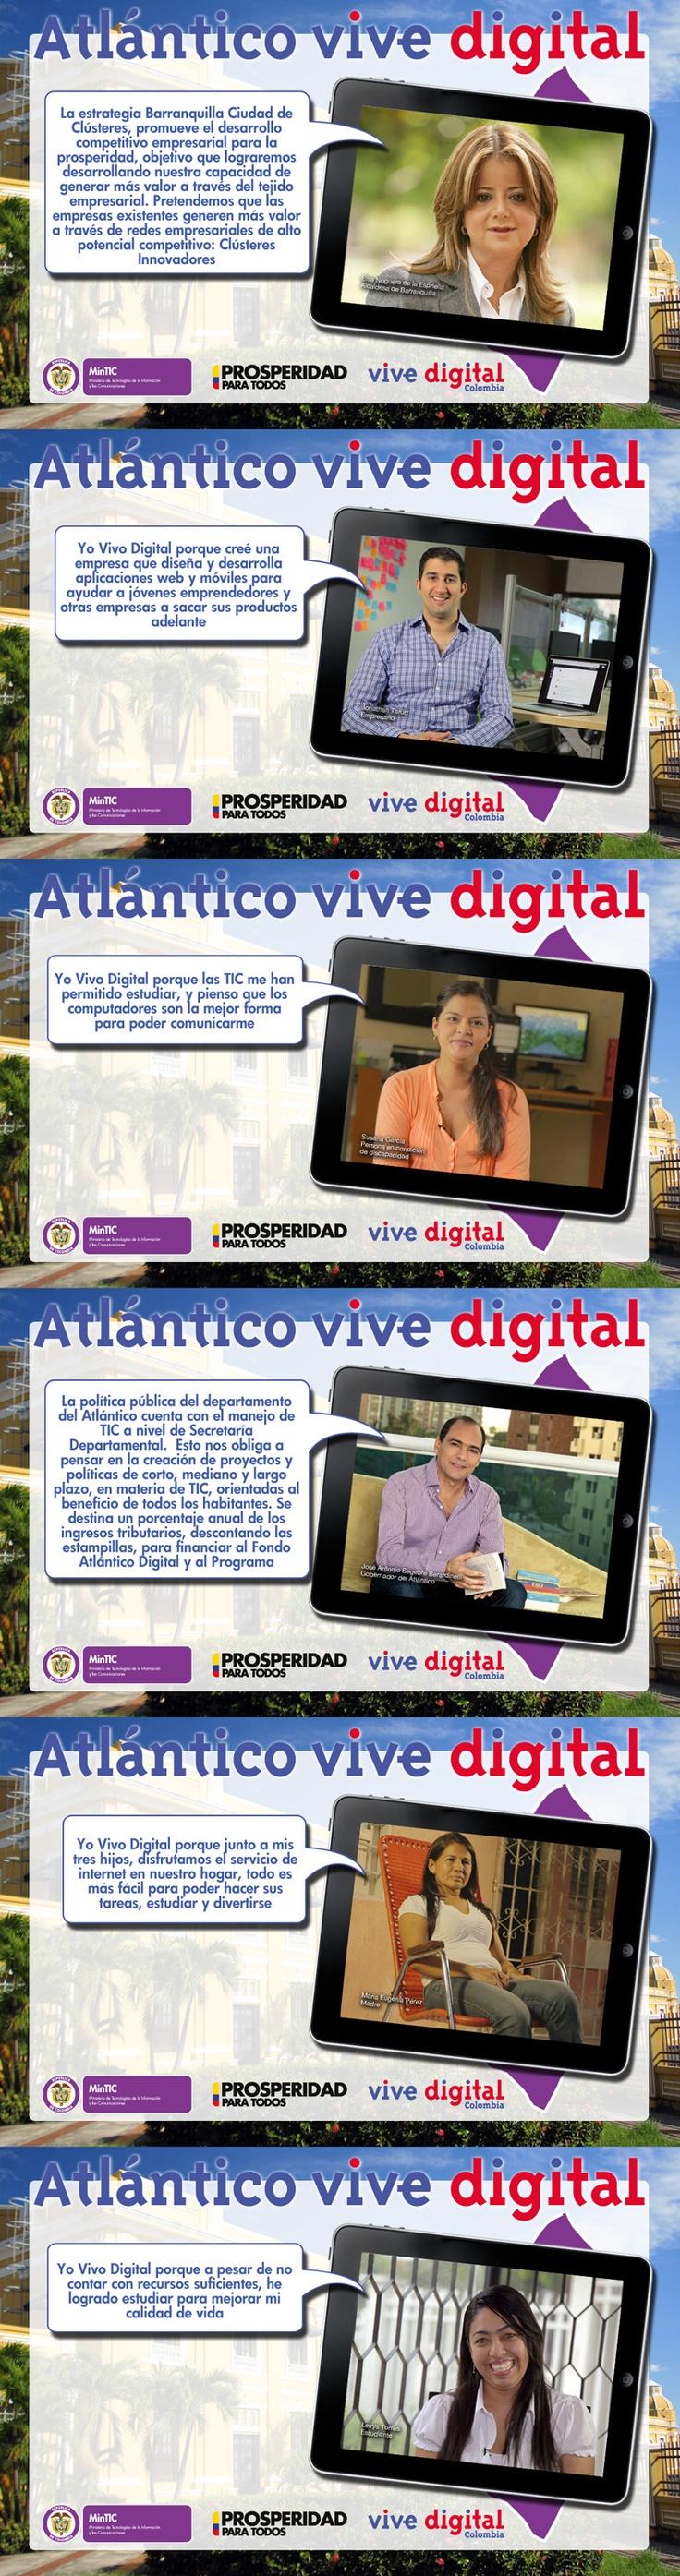 Atlántico Vive Digital